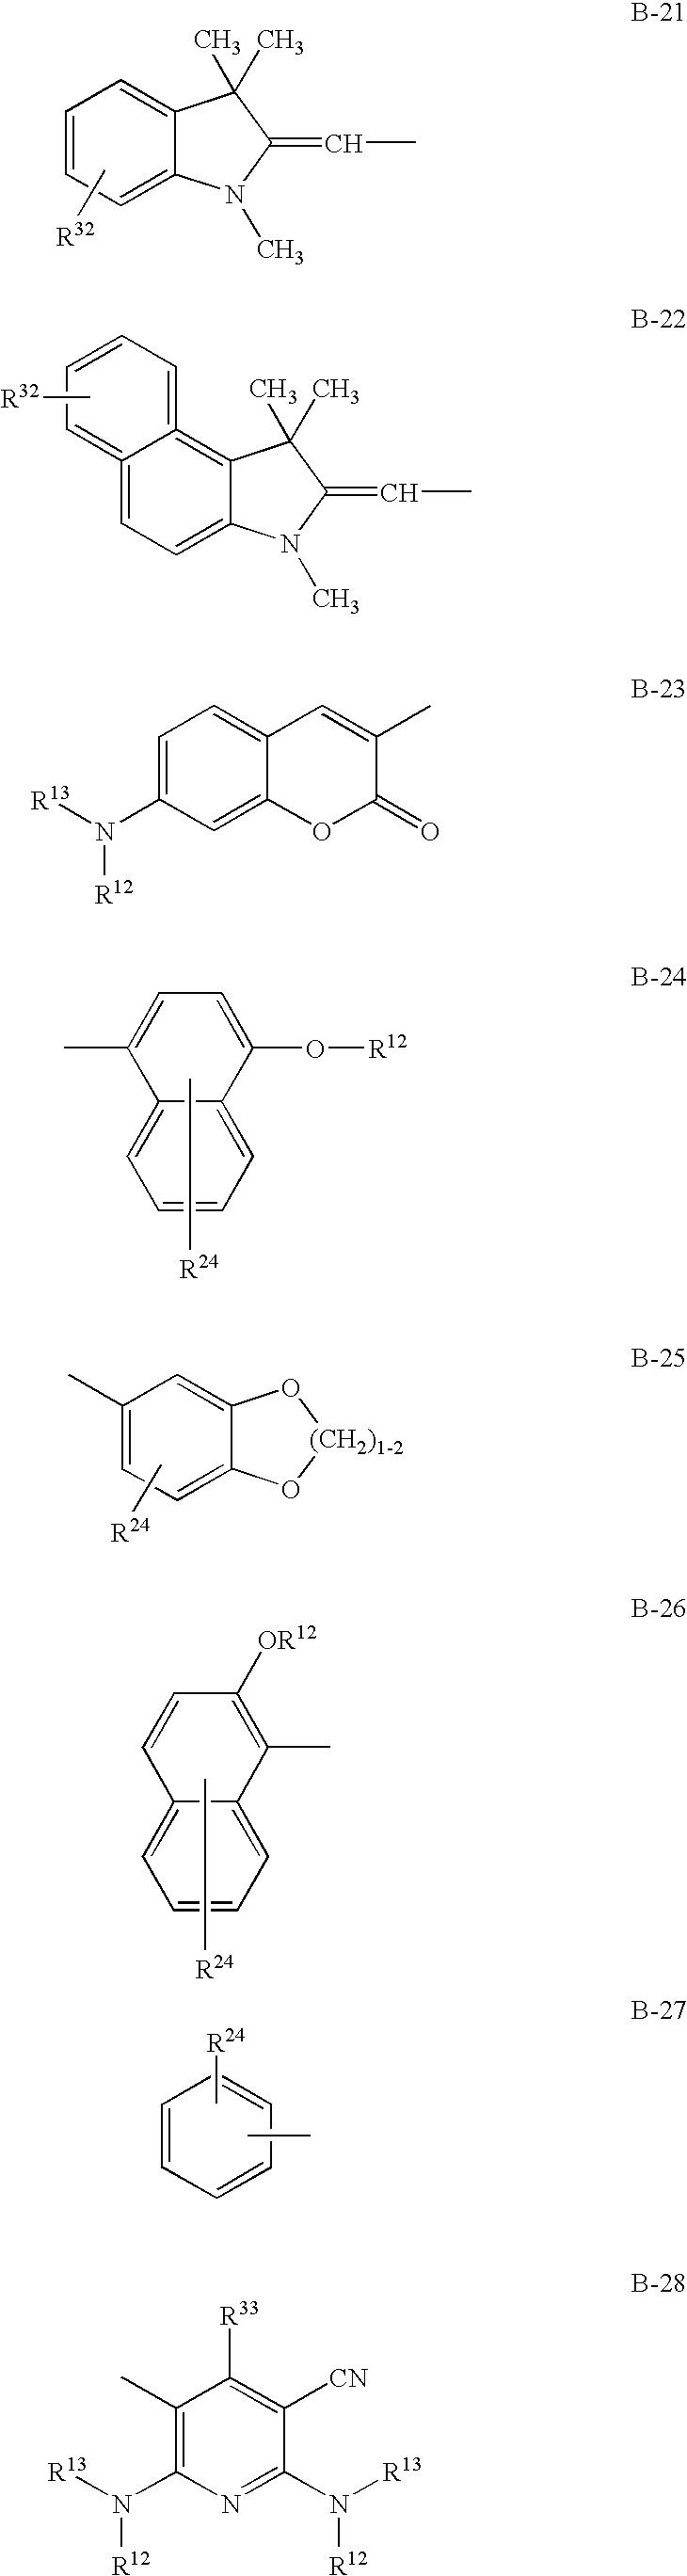 Figure US20070287822A1-20071213-C00061